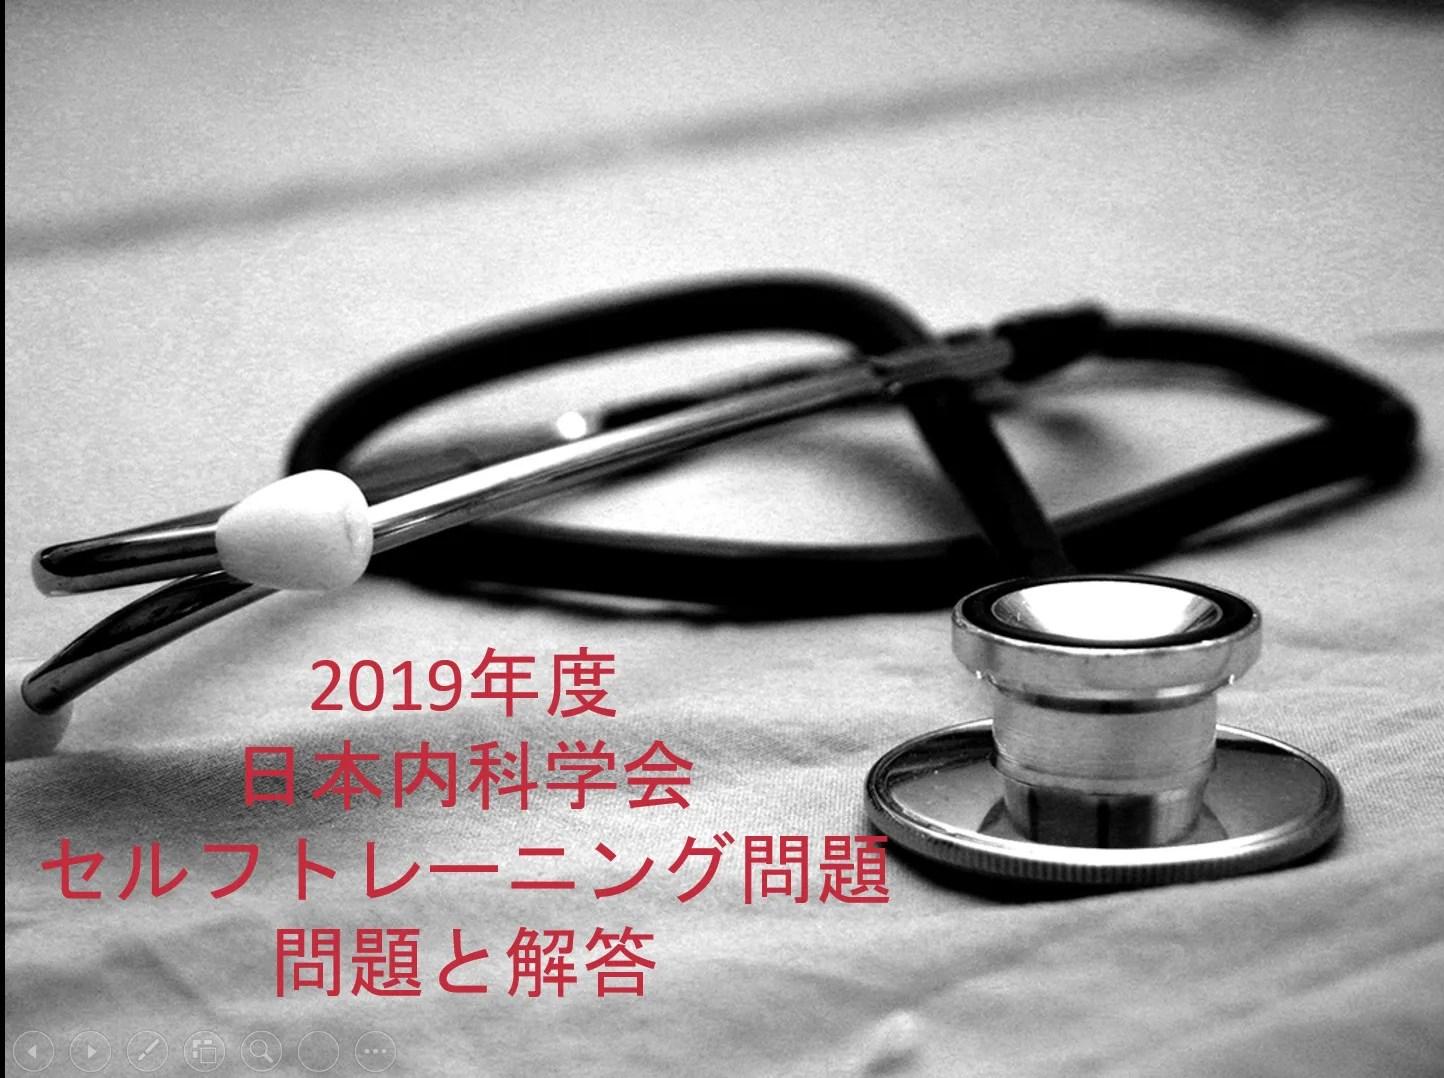 日本内科学会2019年度セルフトレーニング問題と解答(その3)